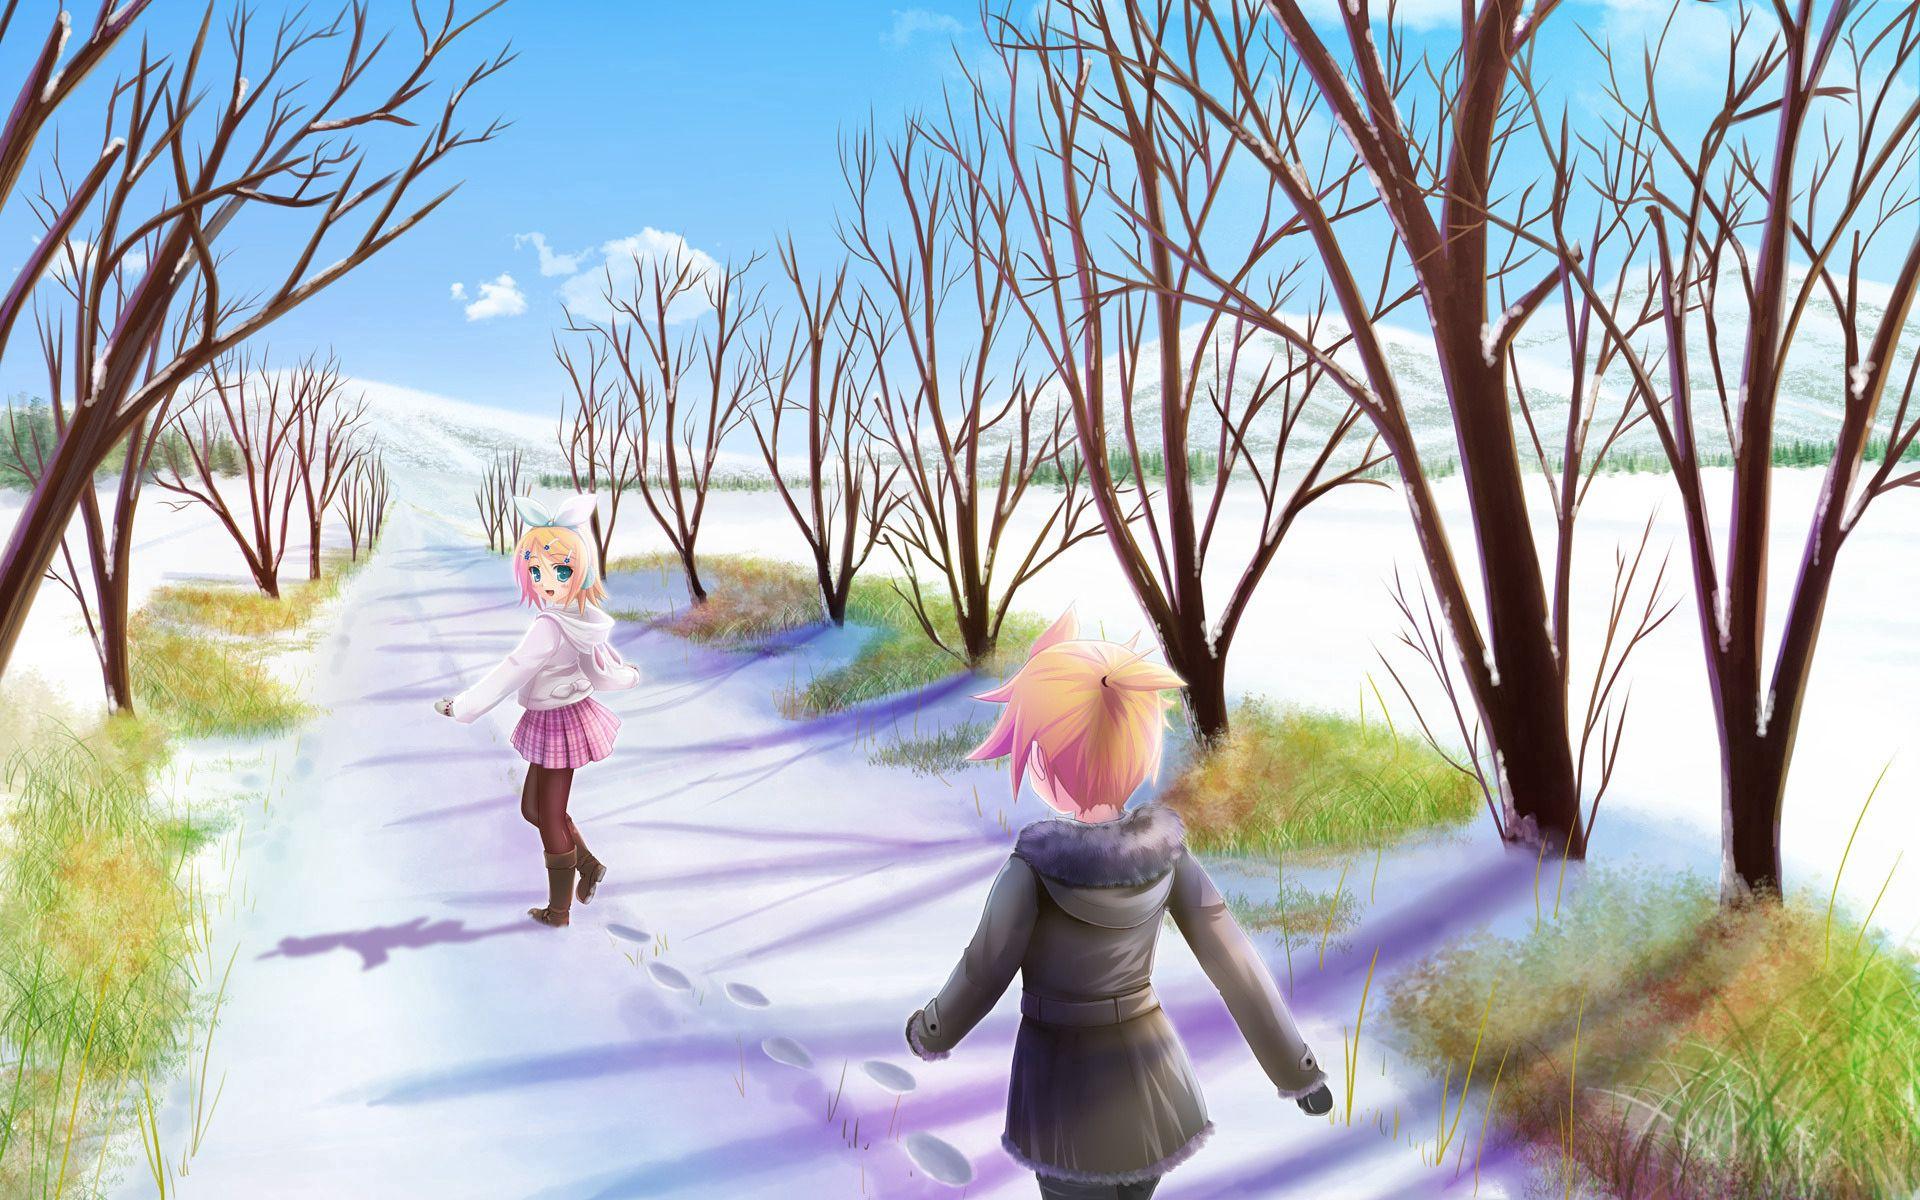 105352 papel de parede 240x320 em seu telefone gratuitamente, baixe imagens Anime, Meninas, Neve, Passeio, Passear, Solce 240x320 em seu celular